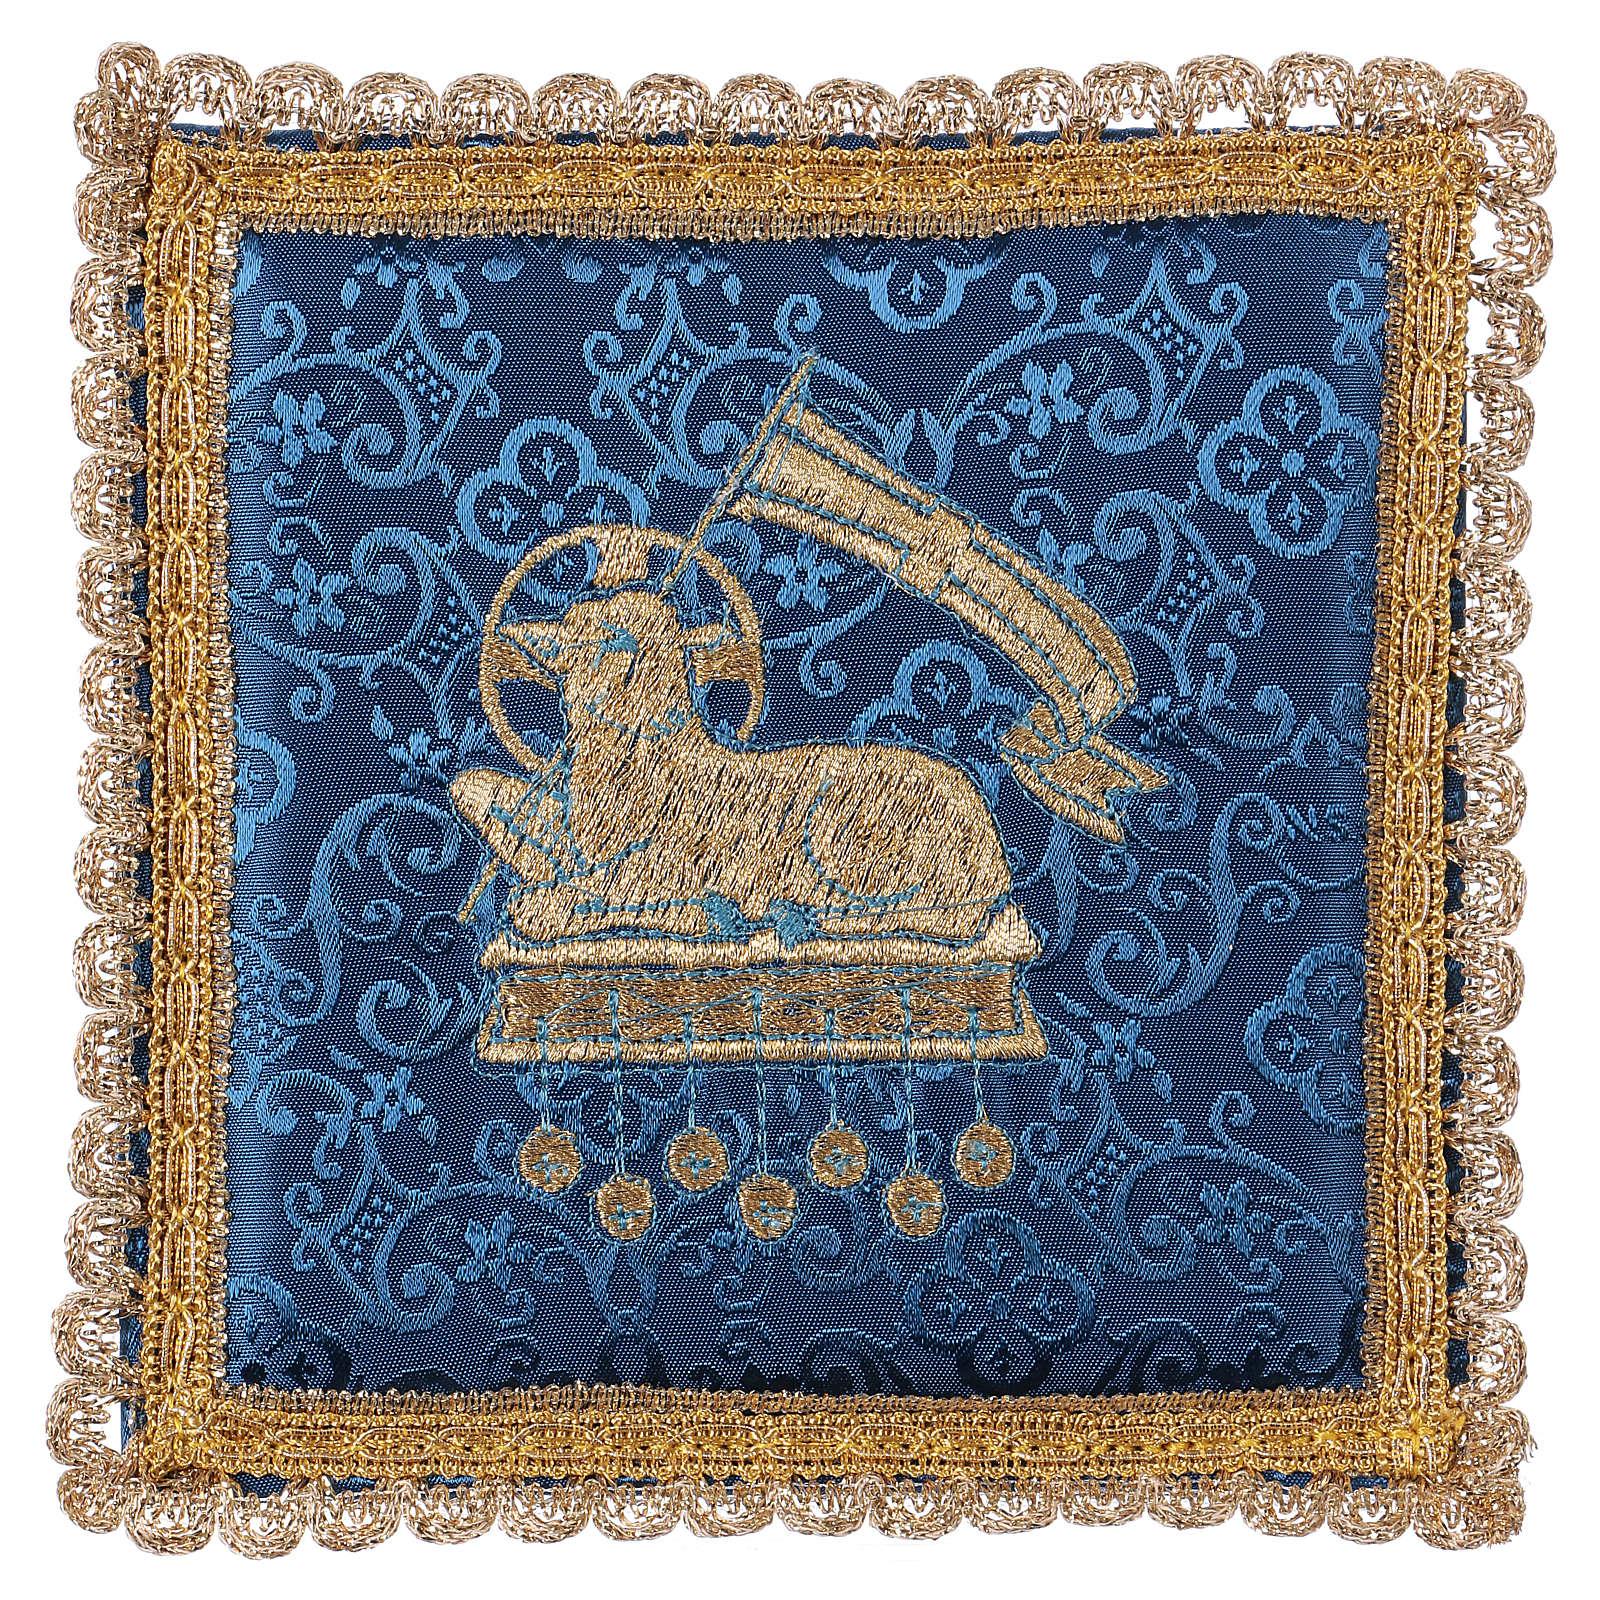 Palla, verstärkt, blauer Stoff mit Damaskmusterung, Stickerei Opferlamm 4